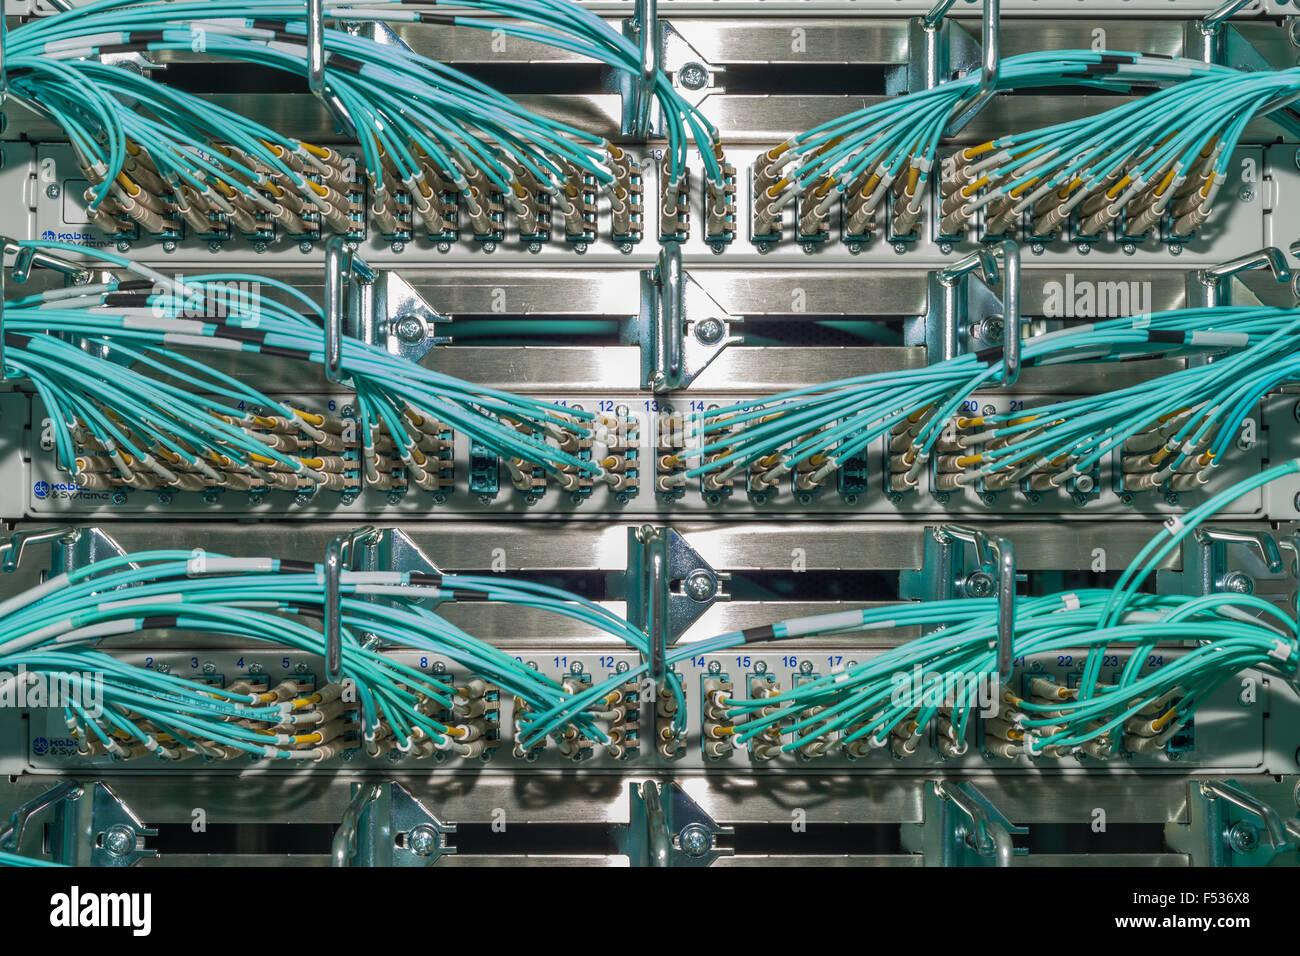 Fiber Optic Wiring Stock Photos & Fiber Optic Wiring Stock Images ...